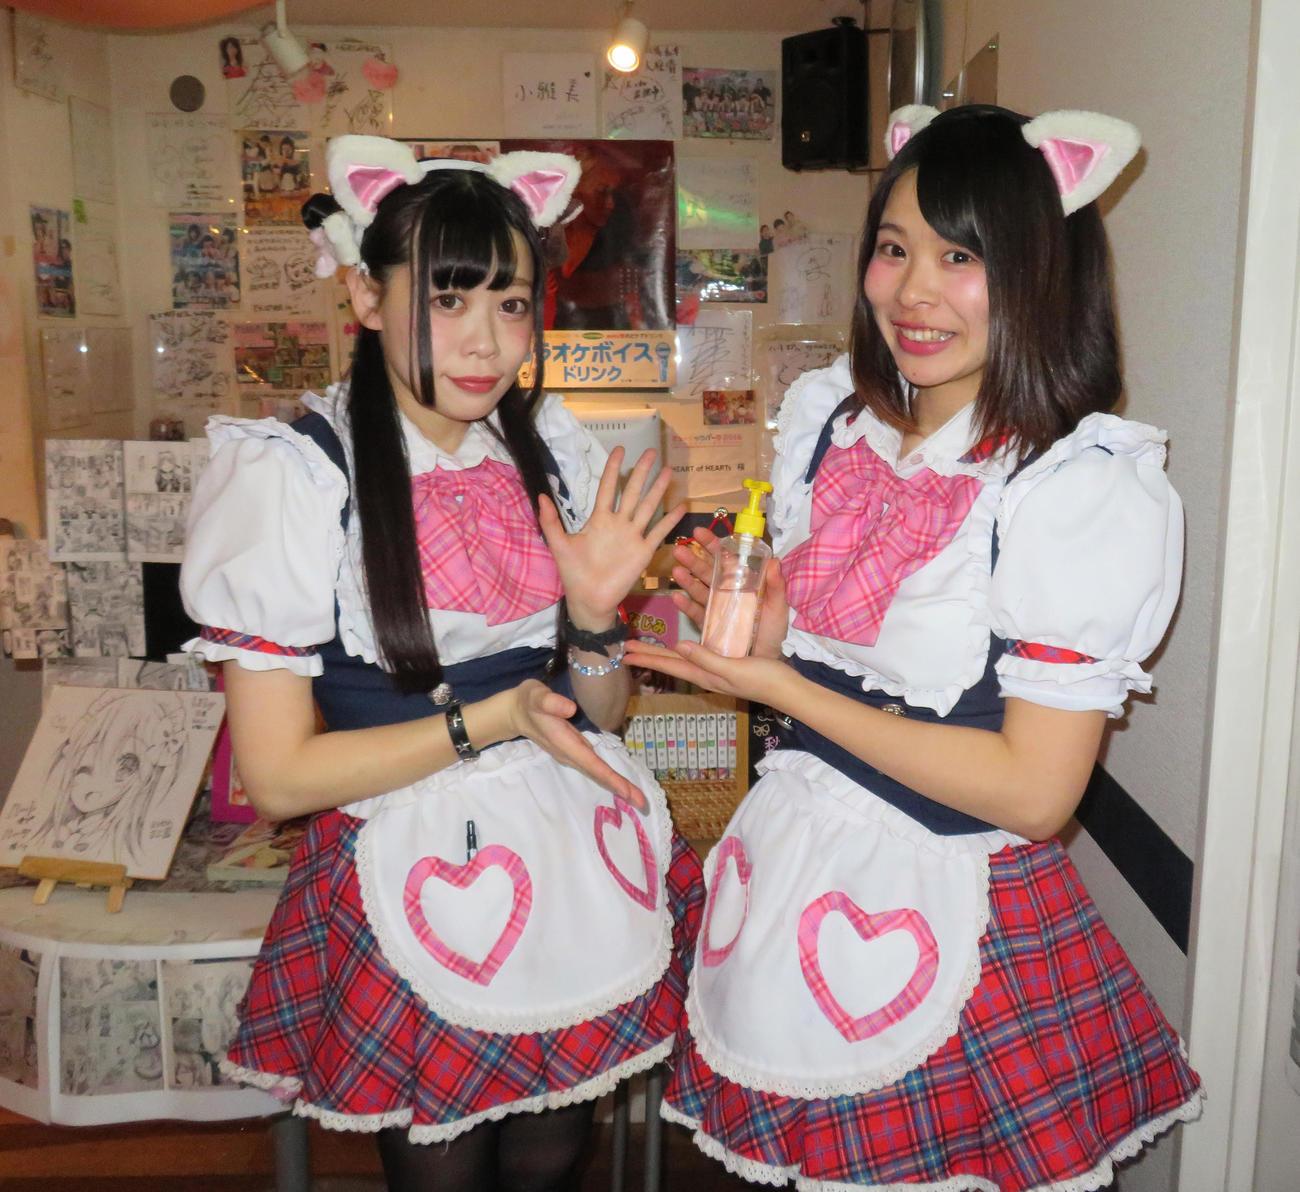 東京都秋葉原のメイド喫茶「ハートオブハーツ」メイドの、ちゃっぴーさん(右)ともちさんは、笑顔で除菌ジェルを持ち写真に納まる(撮影・佐藤勝亮)